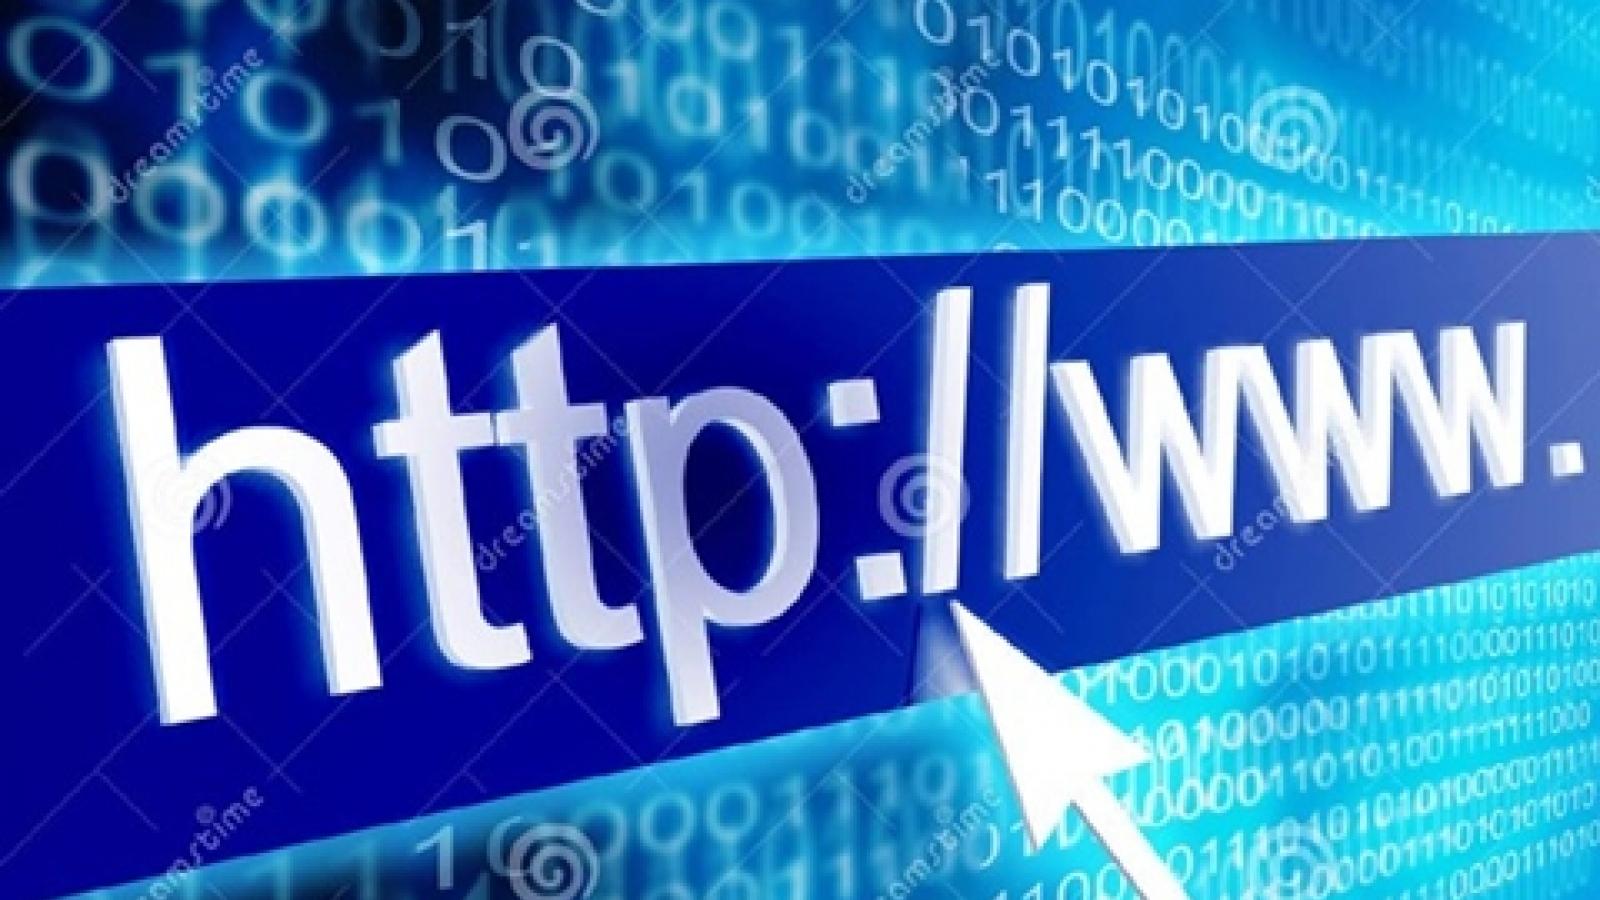 Đăng tin xúc phạm cá nhân, trang thông tin điện tử sẽ bị tước giấy phép